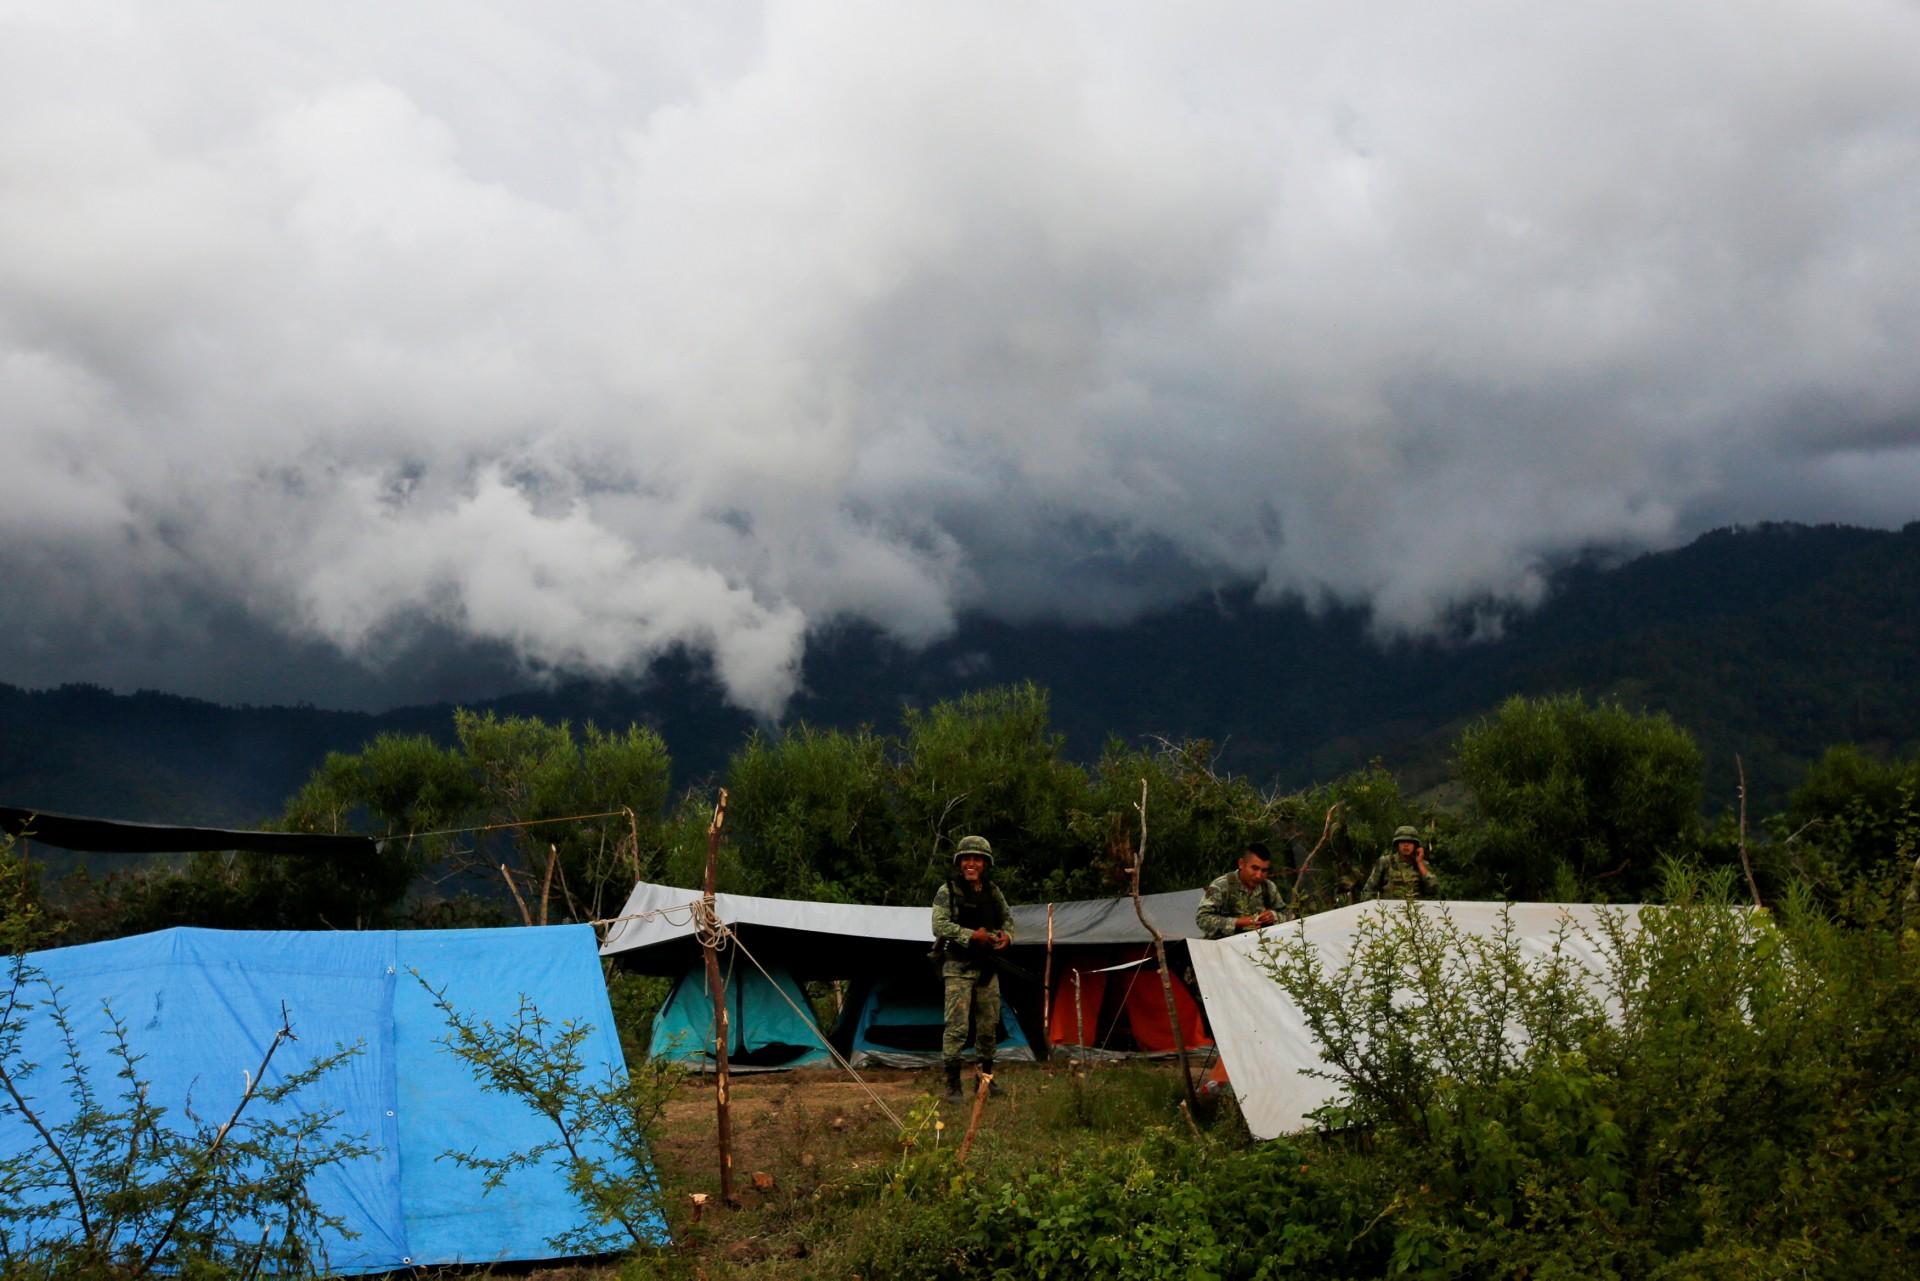 Un soldado se ríe de un campamento cerca del área donde encontraron una plantación ilegal de opio cerca de Pueblo Viejo en la Sierra Madre del Sur, en el estado sureño de Guerrero, México, el 24 de agosto de 2018.